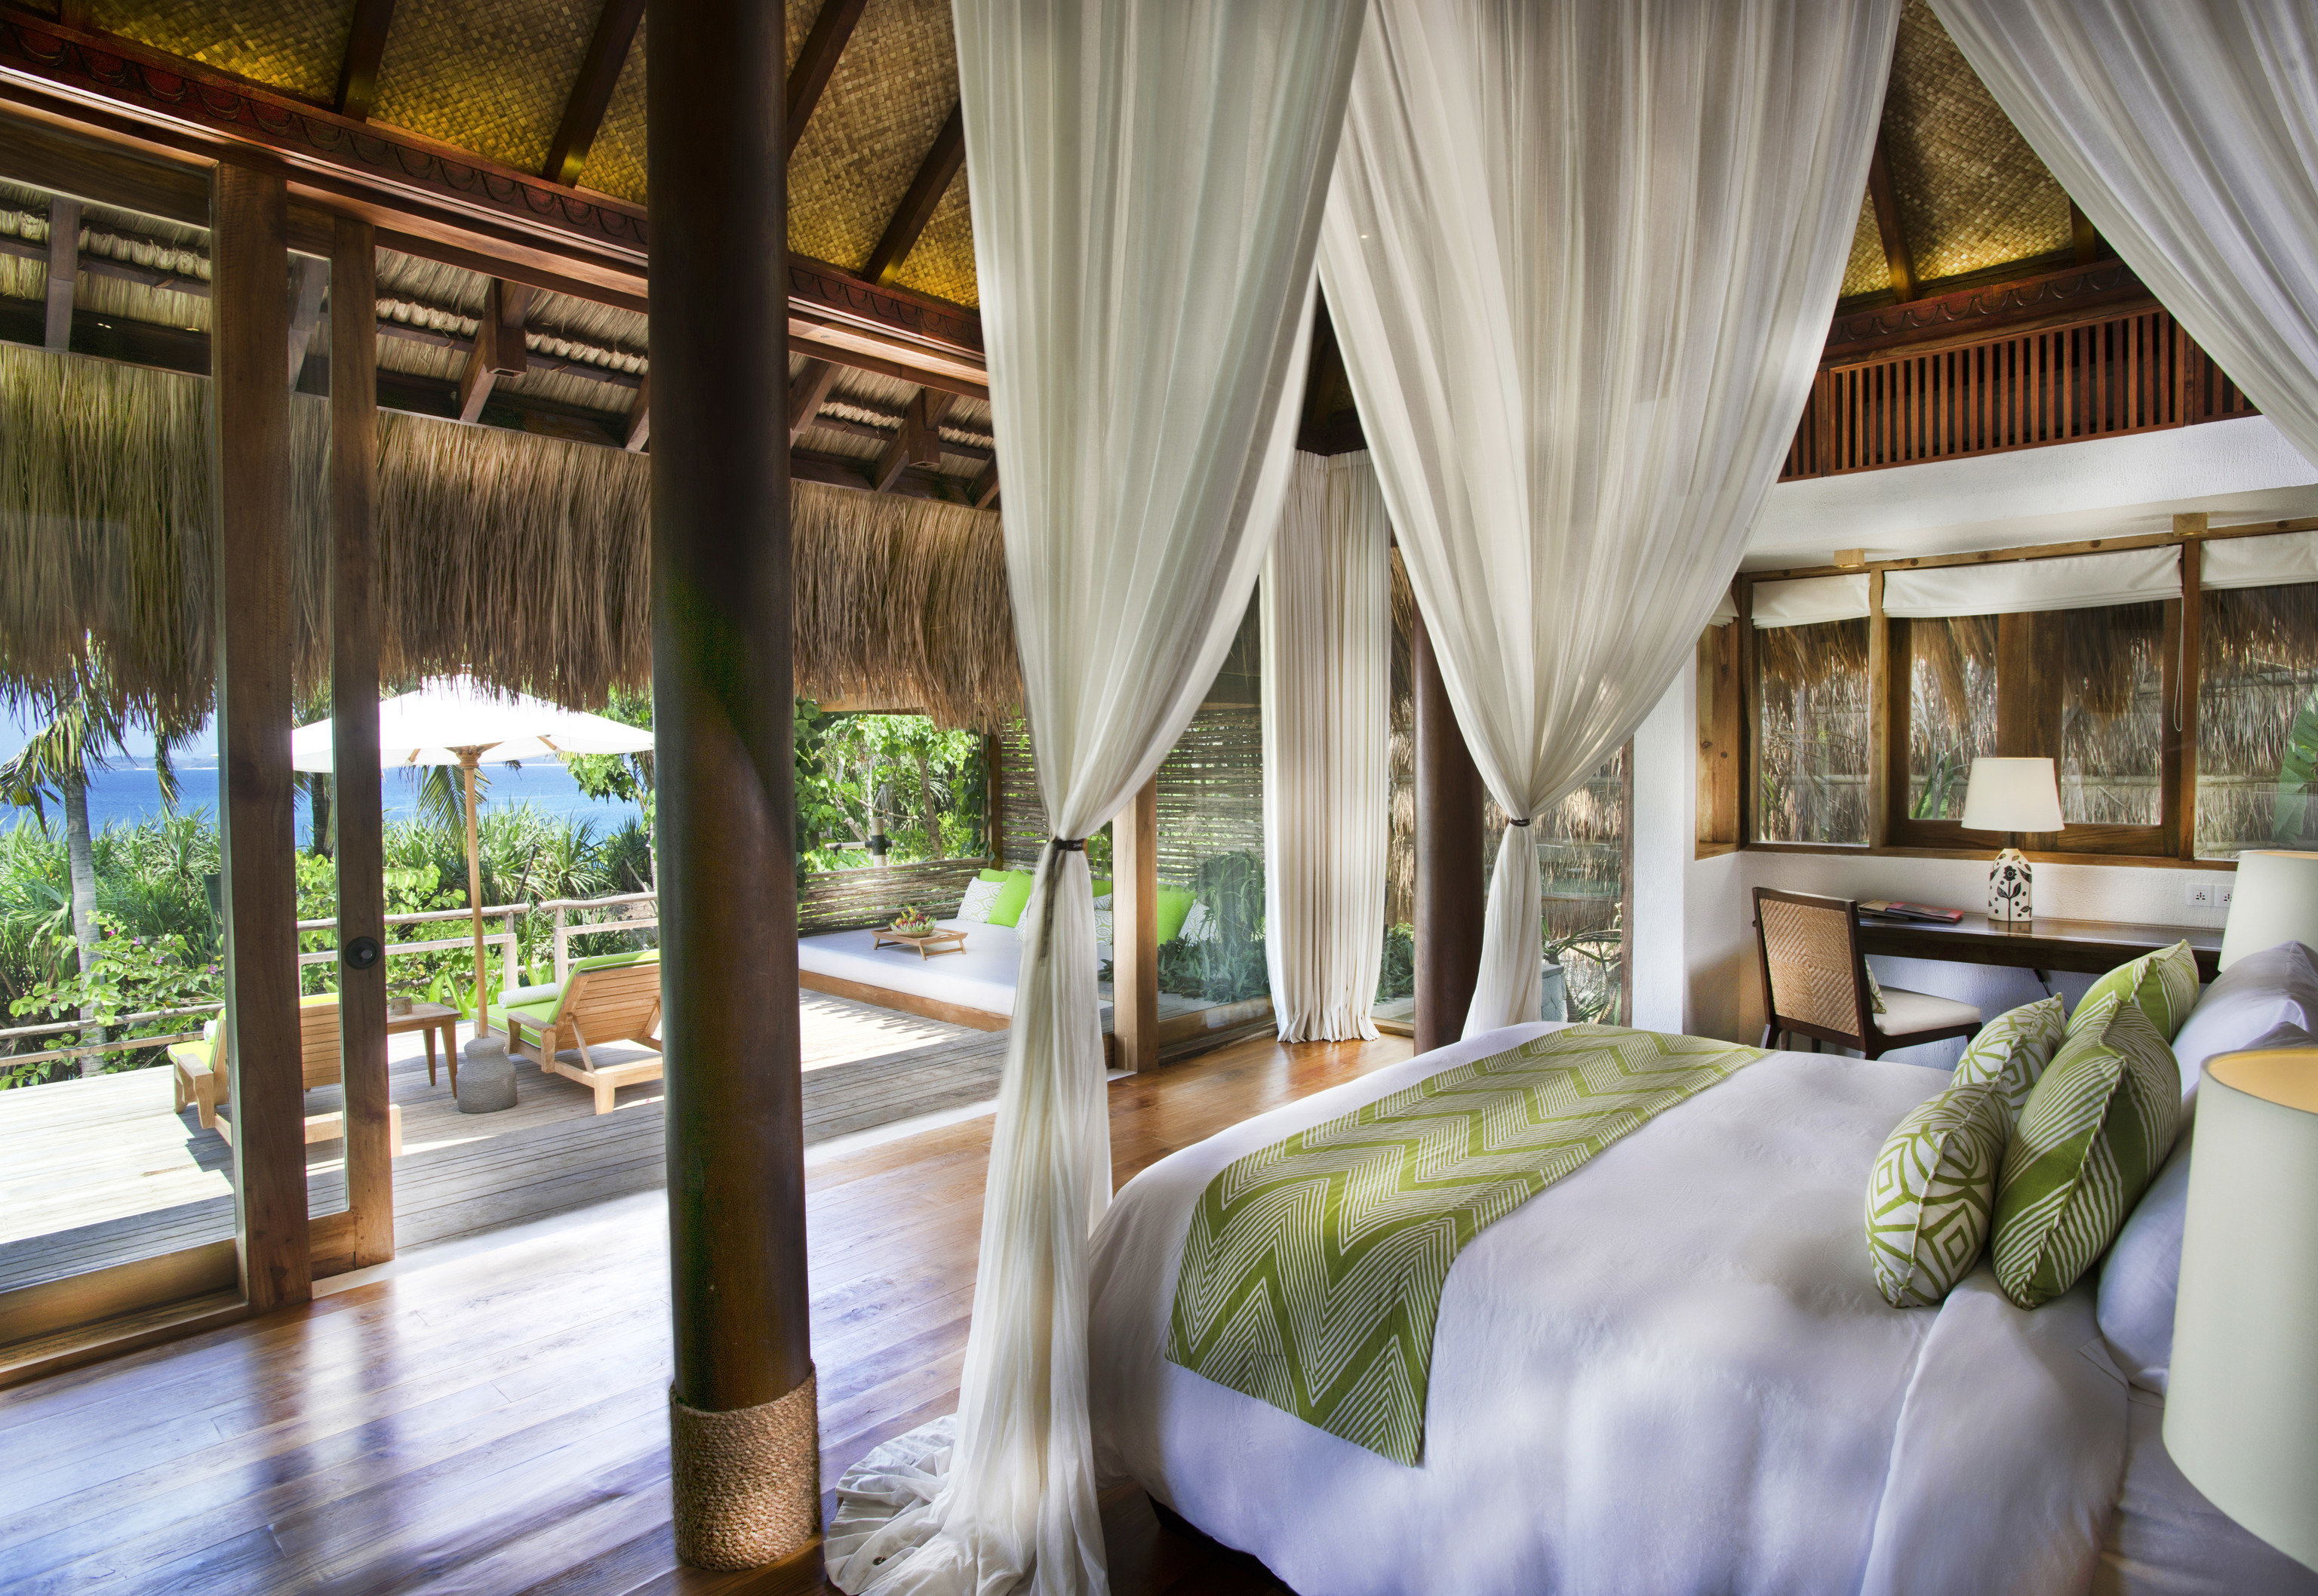 Hotels room property Resort estate curtain home interior design mansion real estate Villa cottage